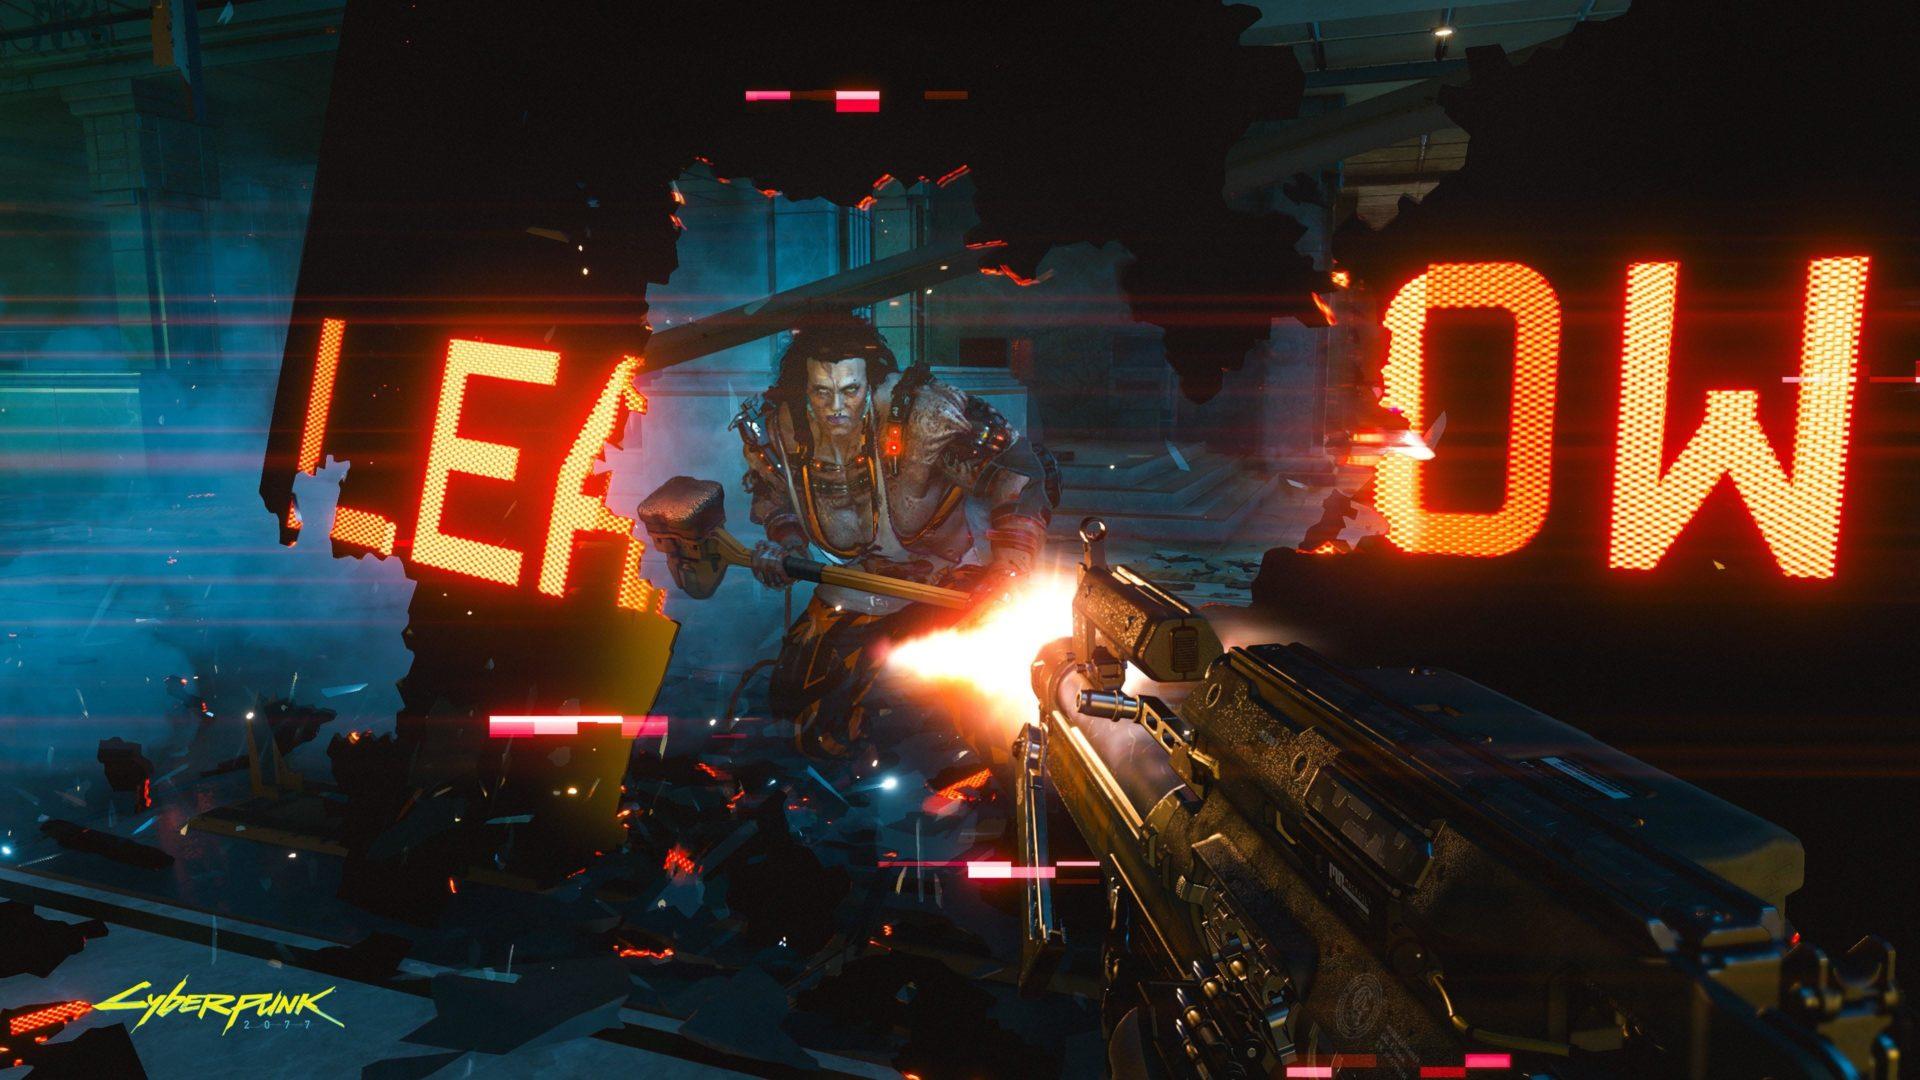 cyberpunk 2077 conferma multiplayer